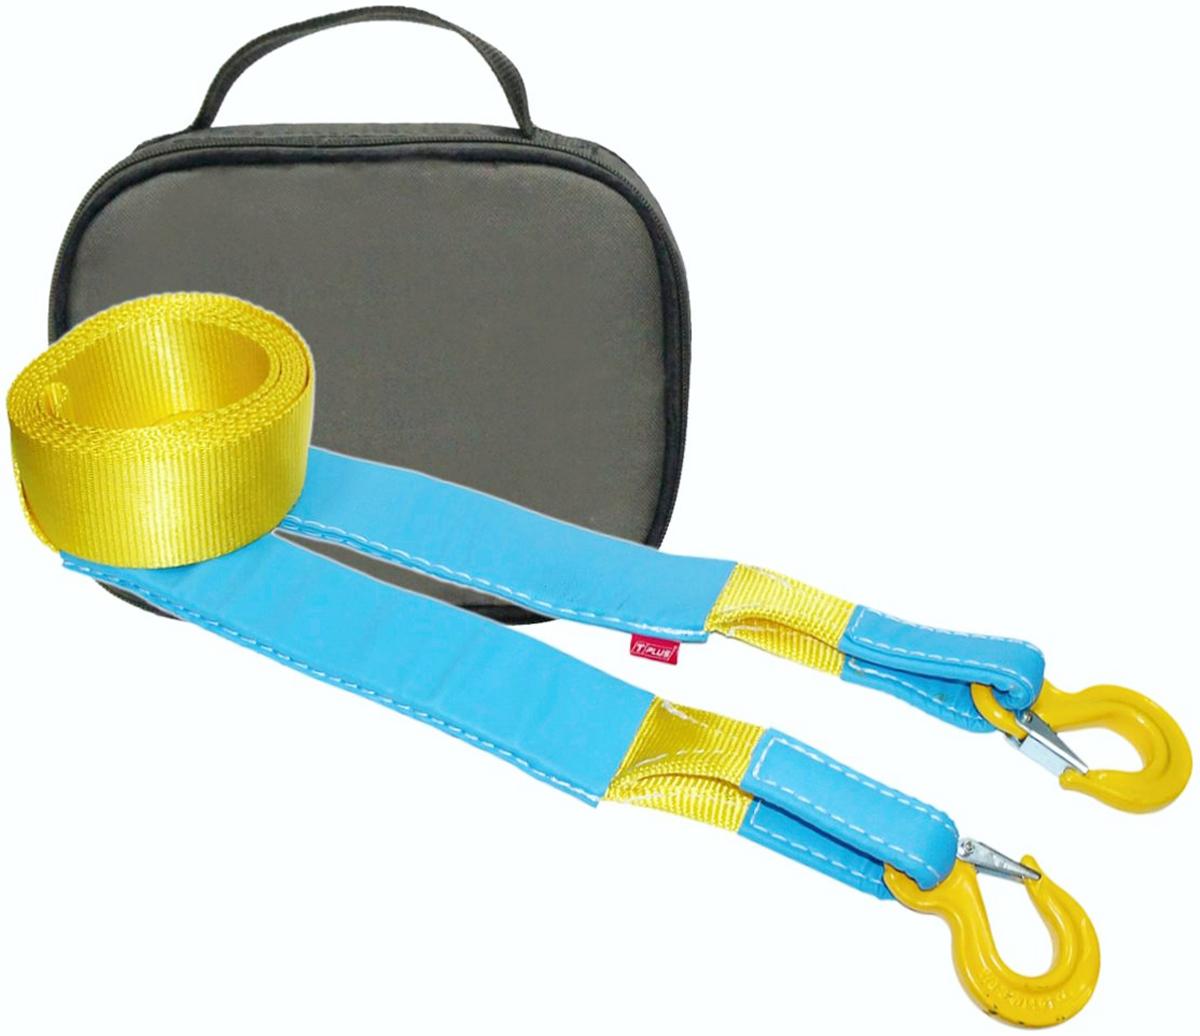 Строп динамический Tplus Стандарт, рывковый, крюк/крюк, с сумкой, цвет: оливковый, 6 т, 5 мT001960Минимальная разрывная нагрузка (MBS): 6 т; Безопасная рабочая нагрузка (SWL): 2 т; Длина: 5 м; Ширина ленты: 70 мм; Материал ленты: полиамид; Защита петель: экокожа; Защита швов: экокожа; Эластичность (удлинение при нагрузке): 20%; Исполнение: крюк/крюк; Крюк с усиленной защелкой (SF8): 2/16 т (безопасная рабочая нагрузка SWL/минимальная разрывная нагрузка MBS); Применяется для а/м массой* от 1 до 1.8 т; Сумка (оксфорд); Гарантия: 1 год. *масса а/м = снаряженная масса а/м + 100 кг (+20% при эвакуации а/м из грязи). Если а/м оснащен дополнительным оборудованием (силовой бампер, лебёдка и т. п.), то масса а/м = снаряженная масса а/м + 100 кг + масса дополнительно установленного навесного оборудования (+20% при эвакуации а/м из грязи).